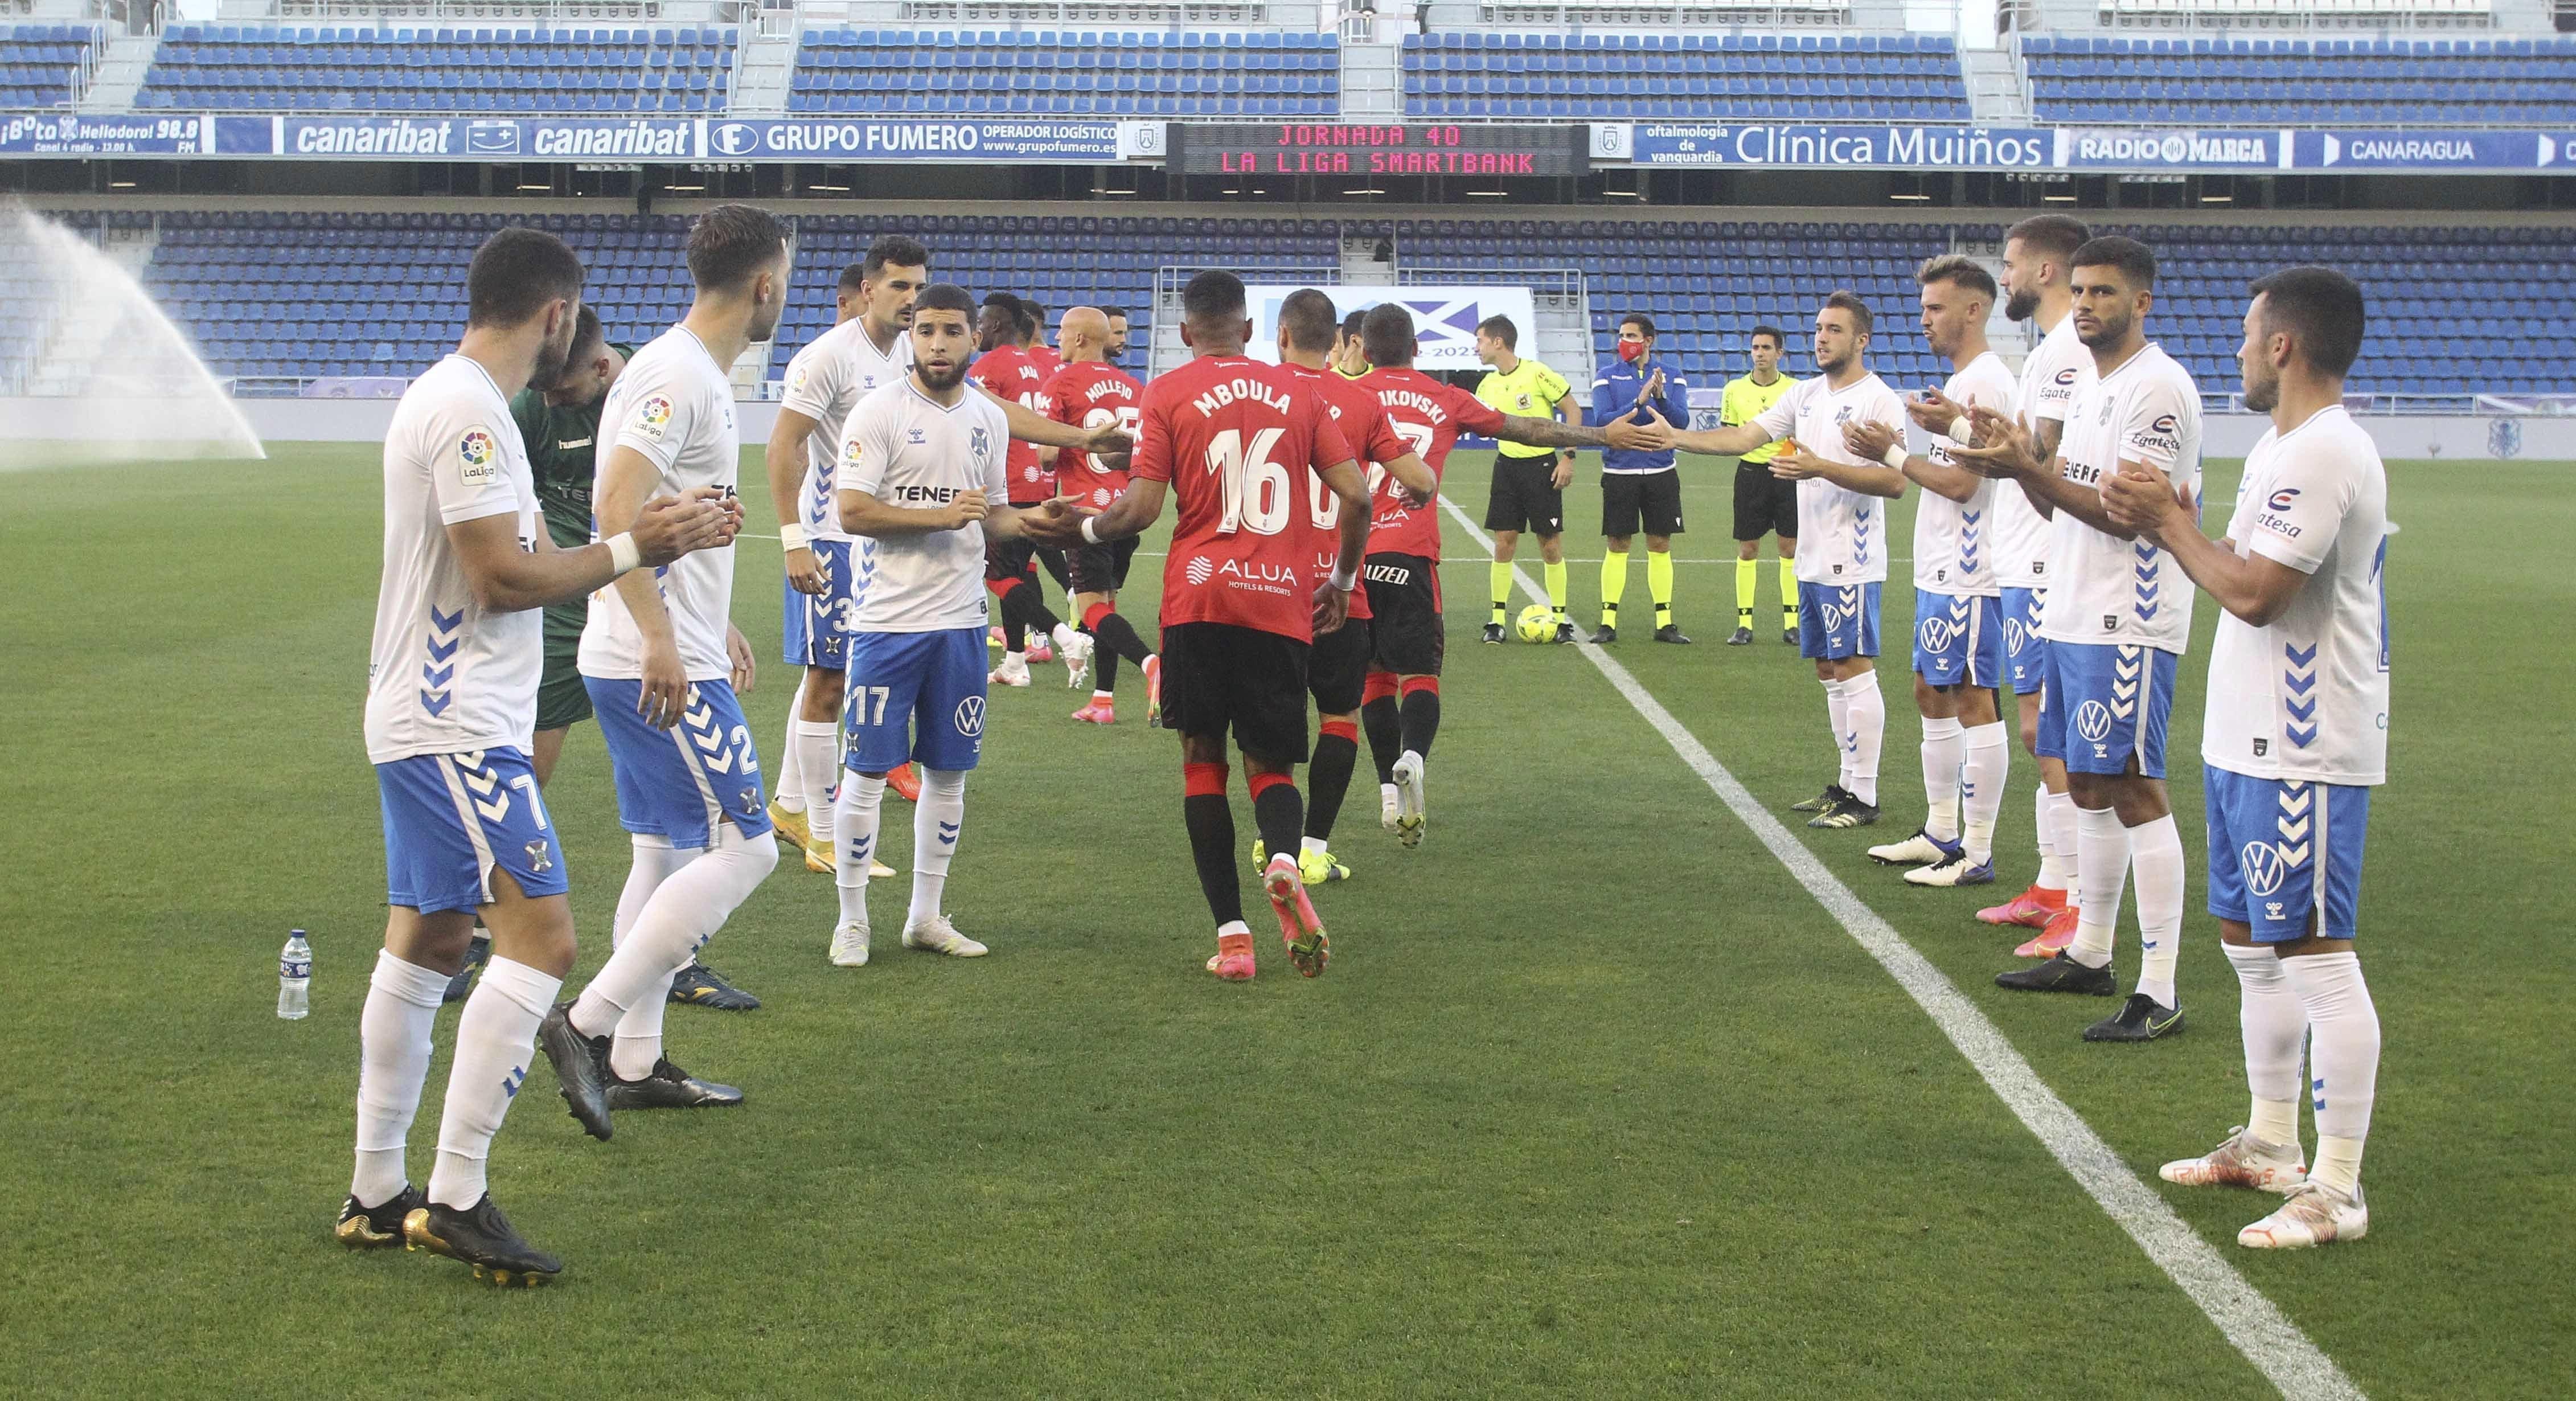 El Mallorca asciende y el Albacete desciende. Quedan 3 plazas de descenso y las 4 plazas de la promoción por decidir.